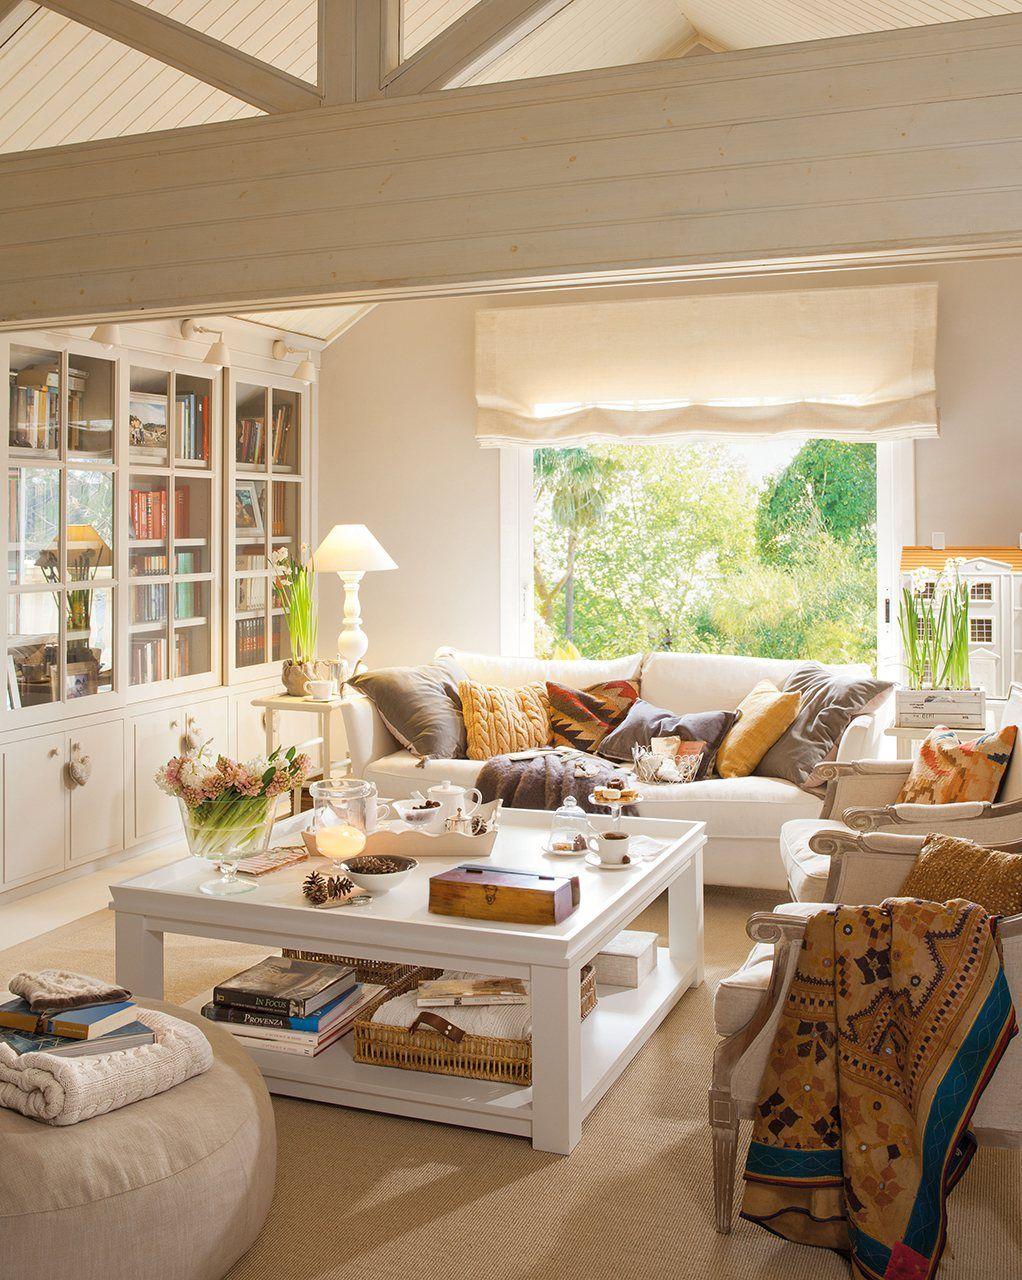 30 salones peque os y confortables d ambiente cl sico - Sofas para salones pequenos ...